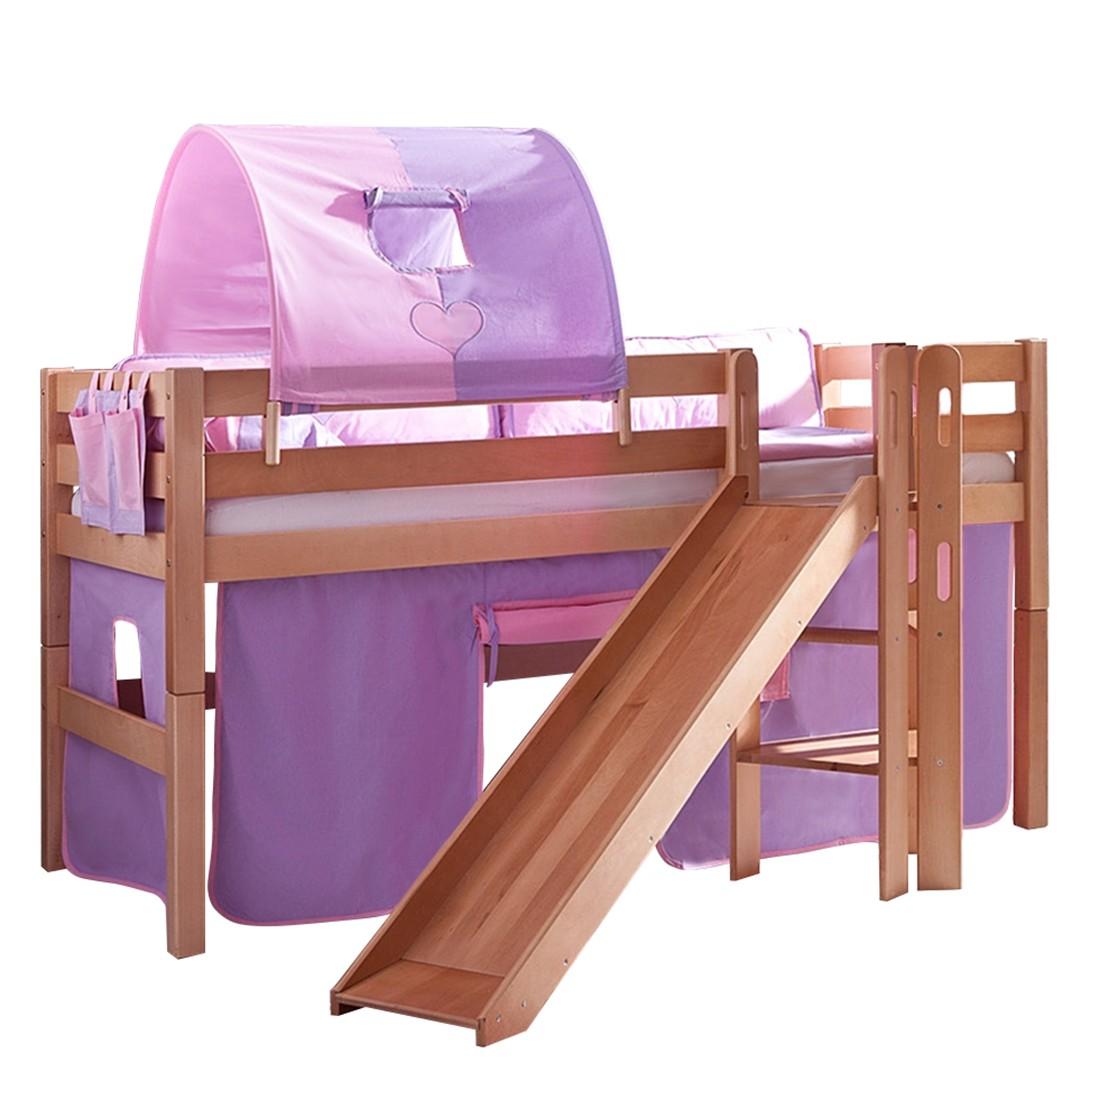 spielbett preisvergleich die besten angebote online kaufen. Black Bedroom Furniture Sets. Home Design Ideas